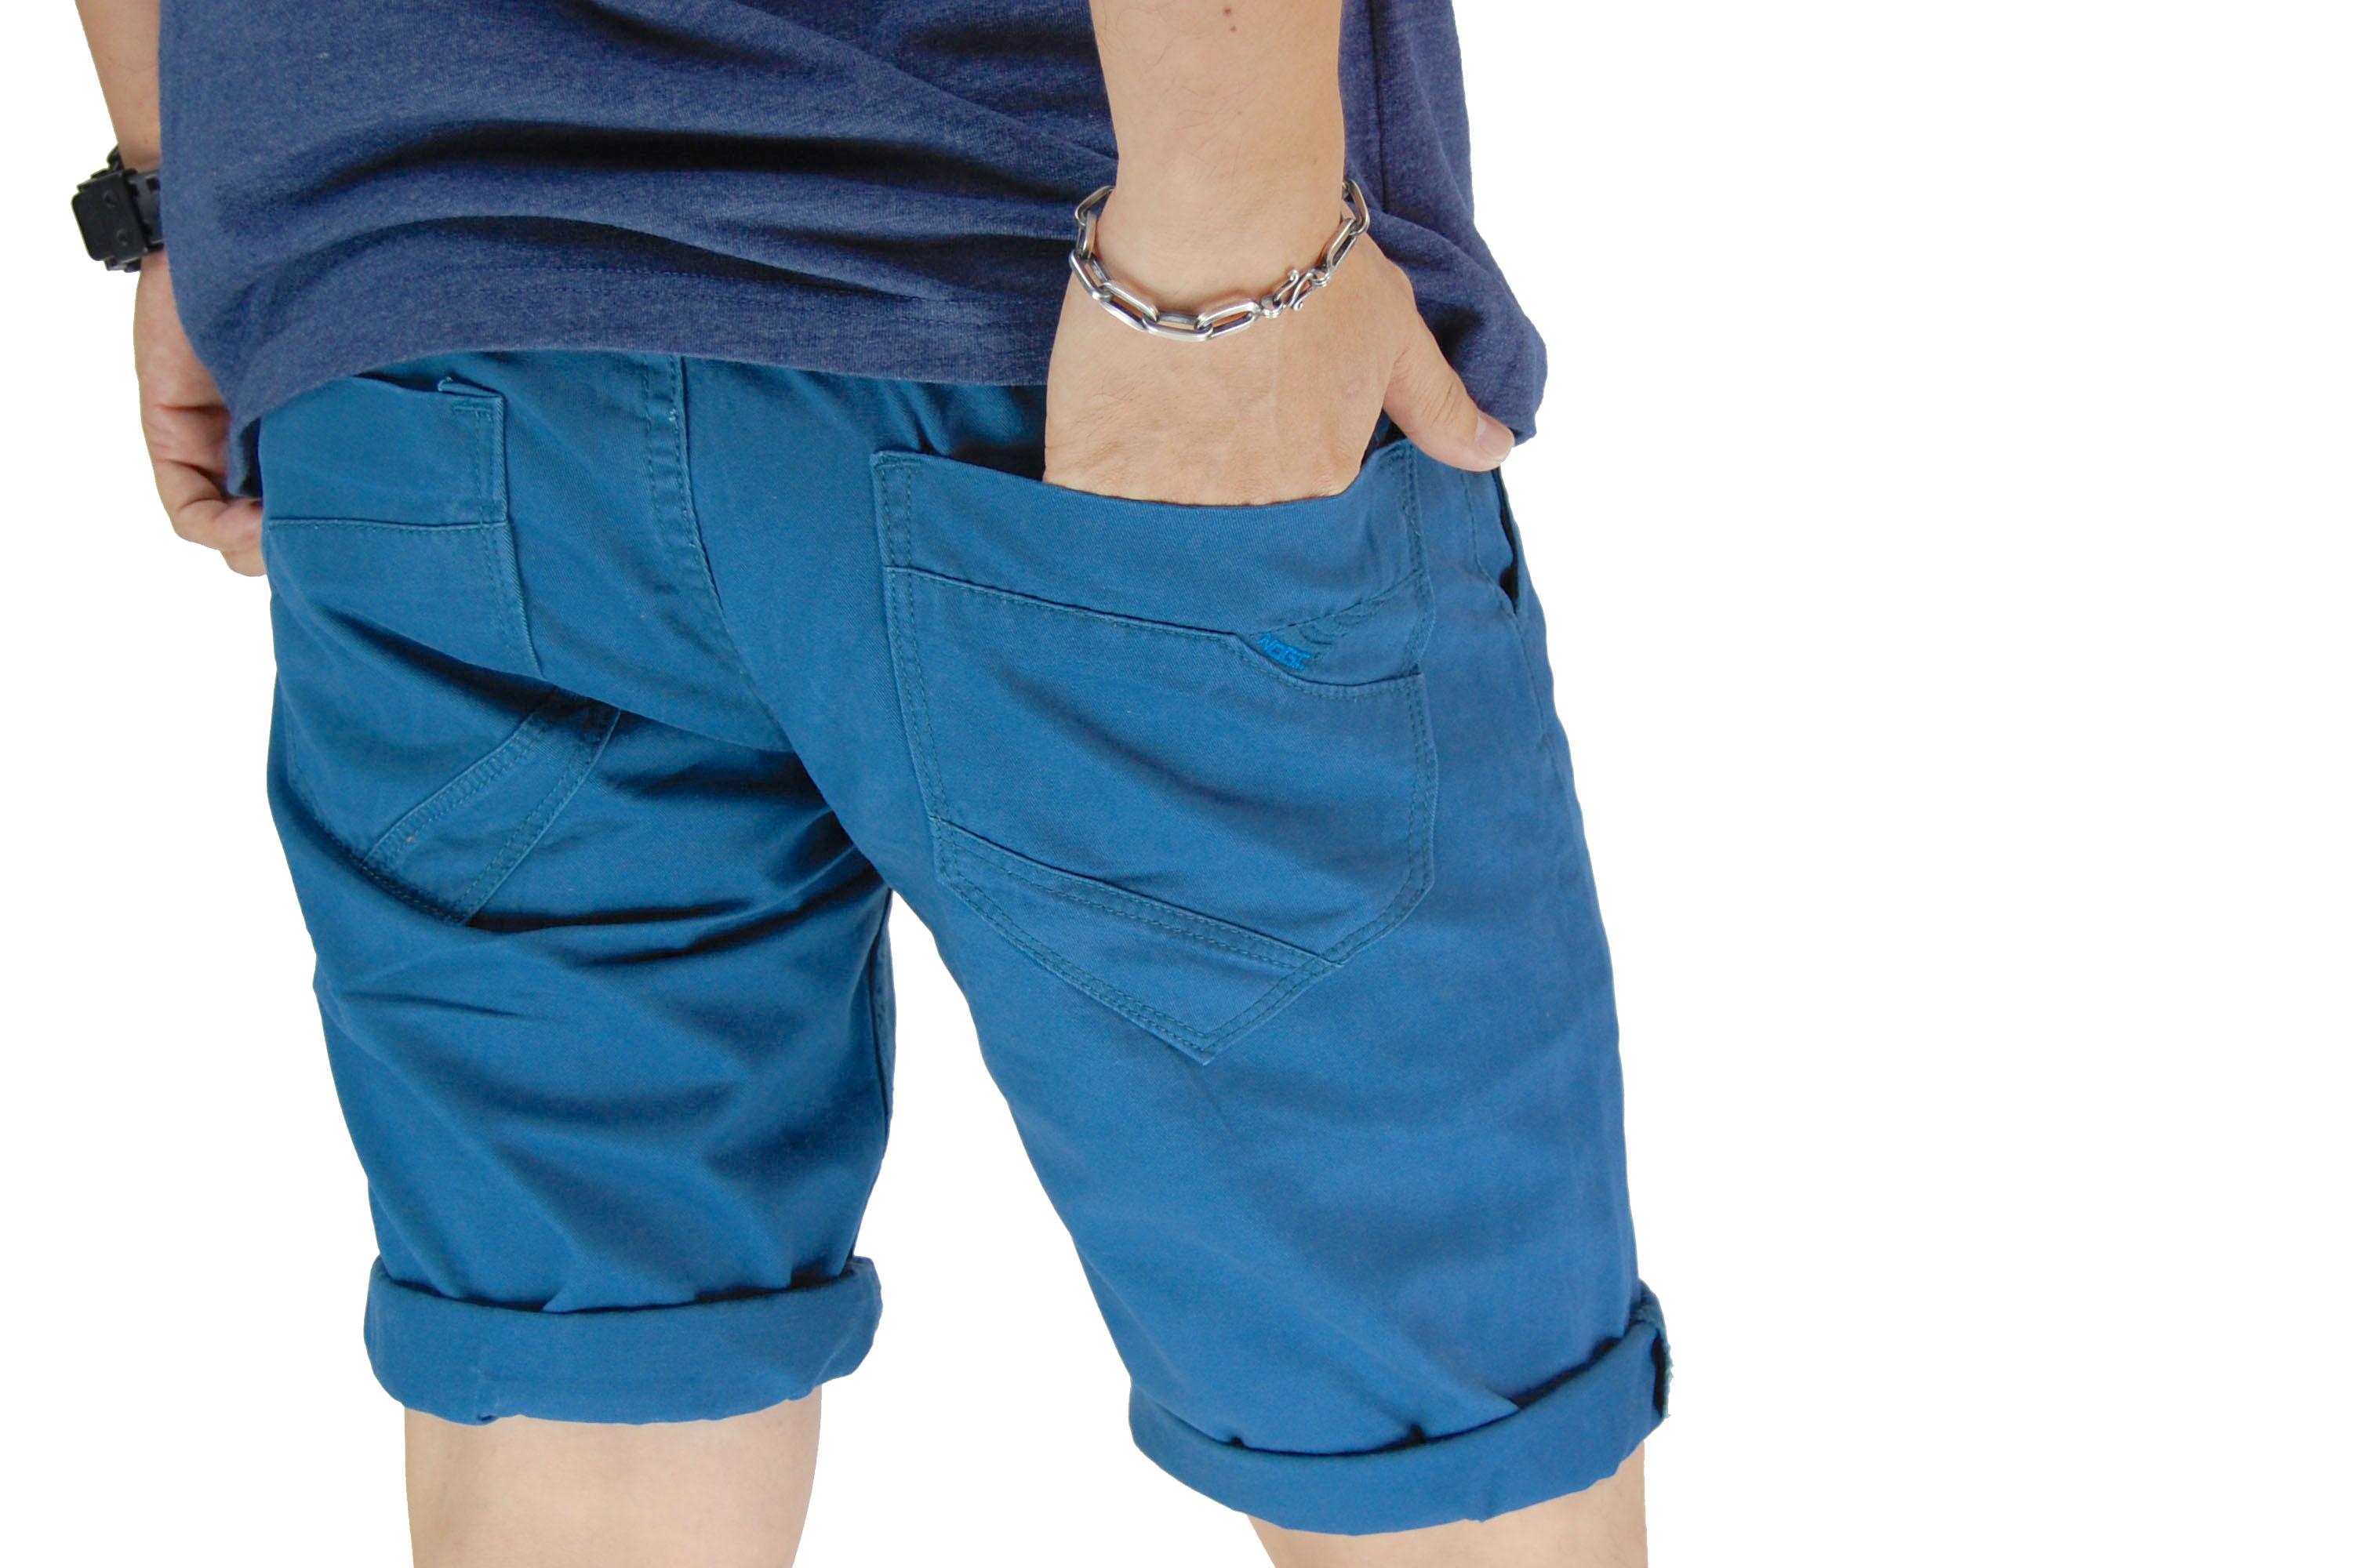 กางเกงขาสั้น สีฟ้าเข้ม NT28-3--2